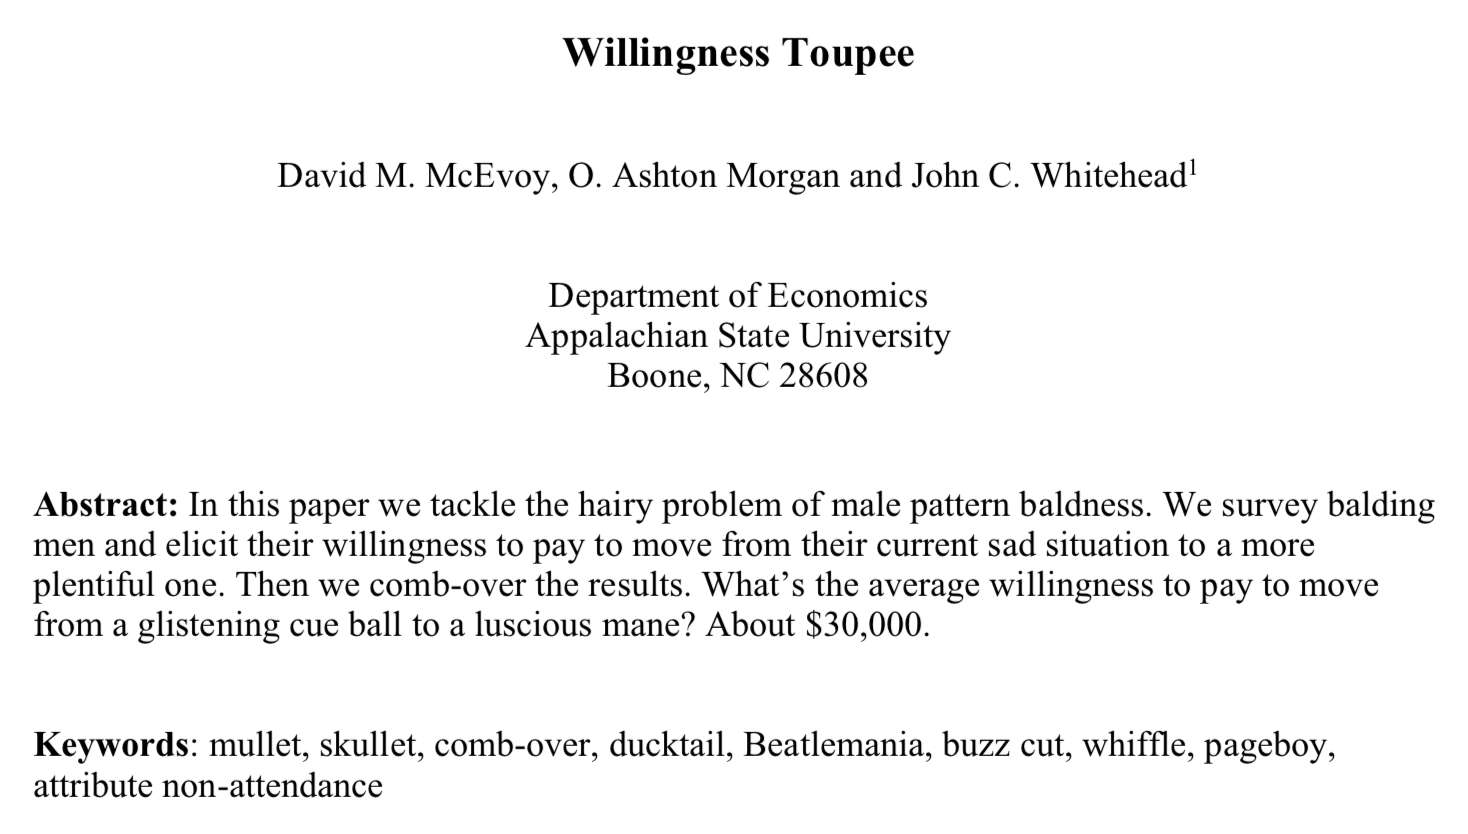 Willingness Toupee